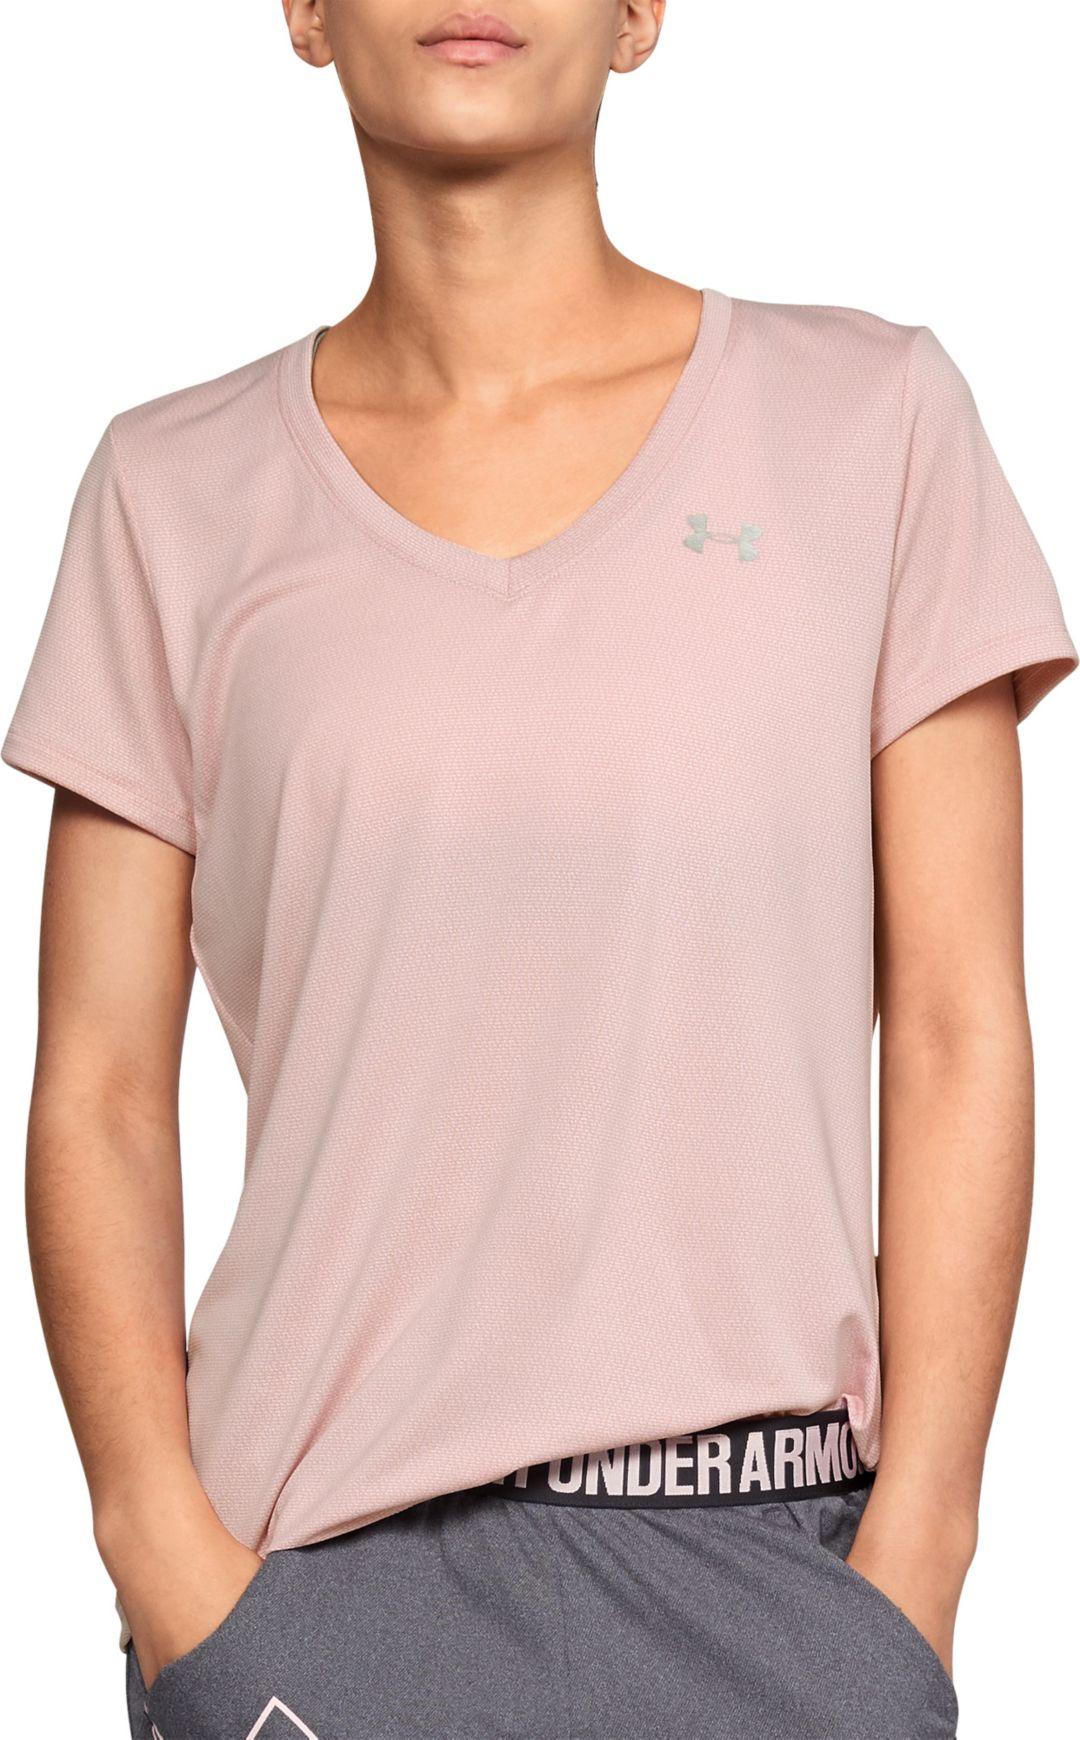 cf6f2aa54bcb Under Armour Women's Tech Short Sleeve V-Neck Ticker T-Shirt ...